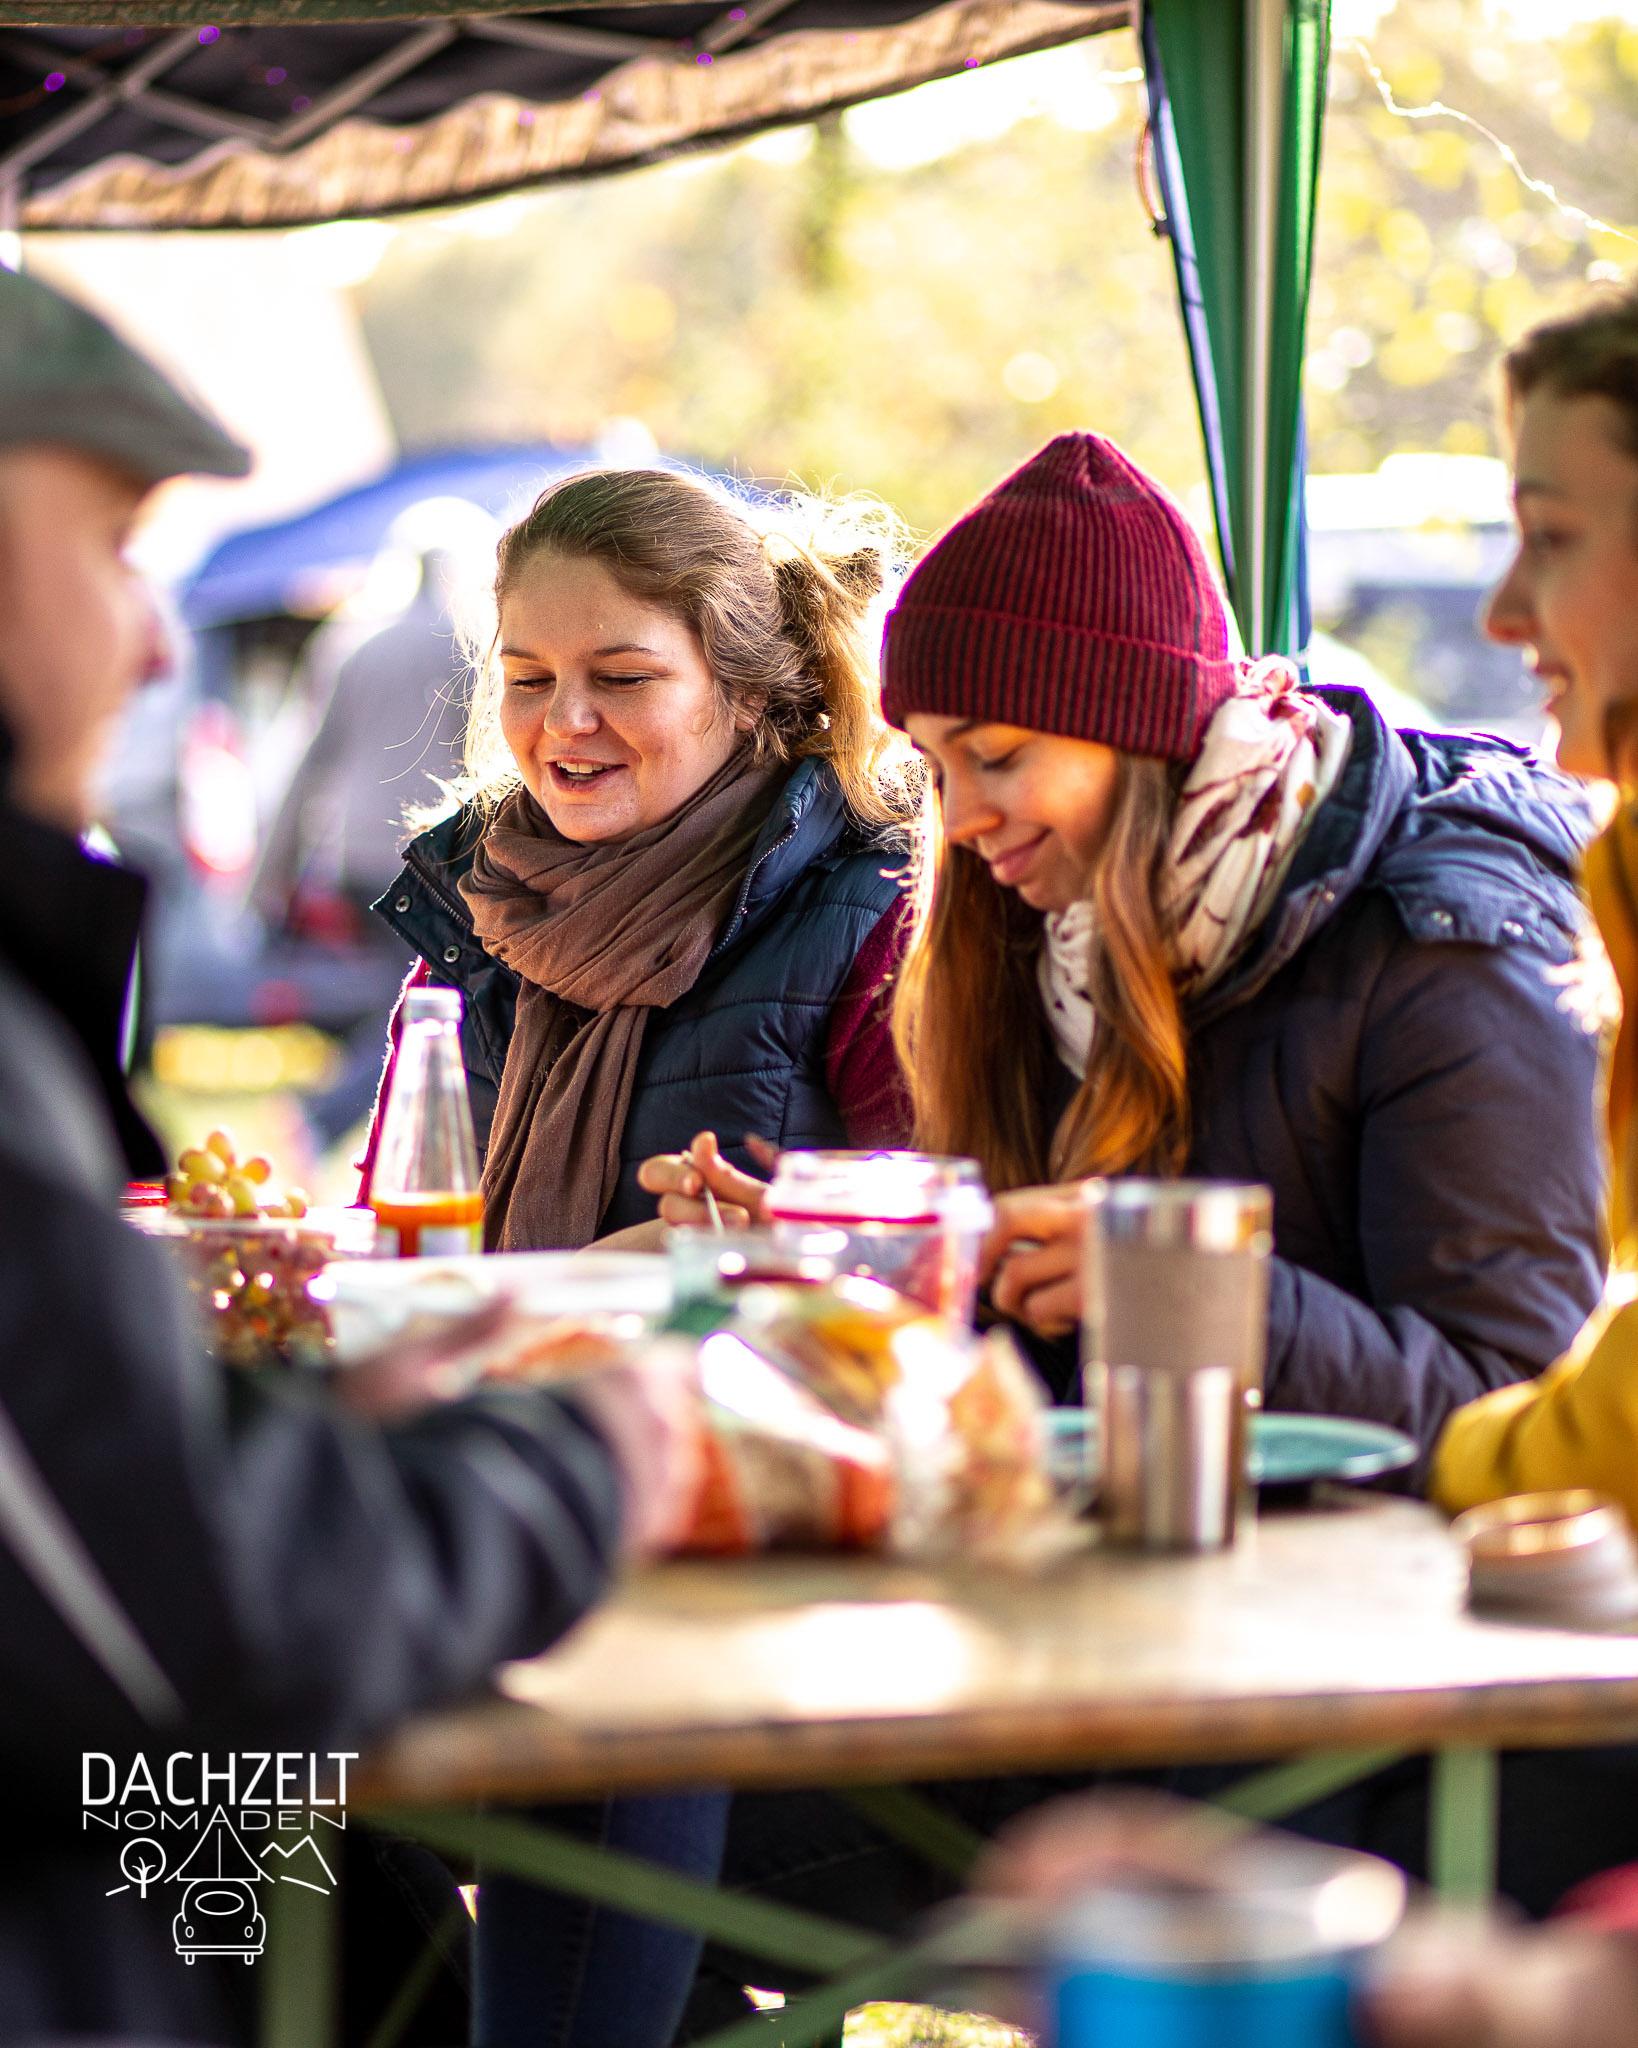 20191103-Dachzelt-Meetup-Bremen-Dennis-Brandt DB 1262-2